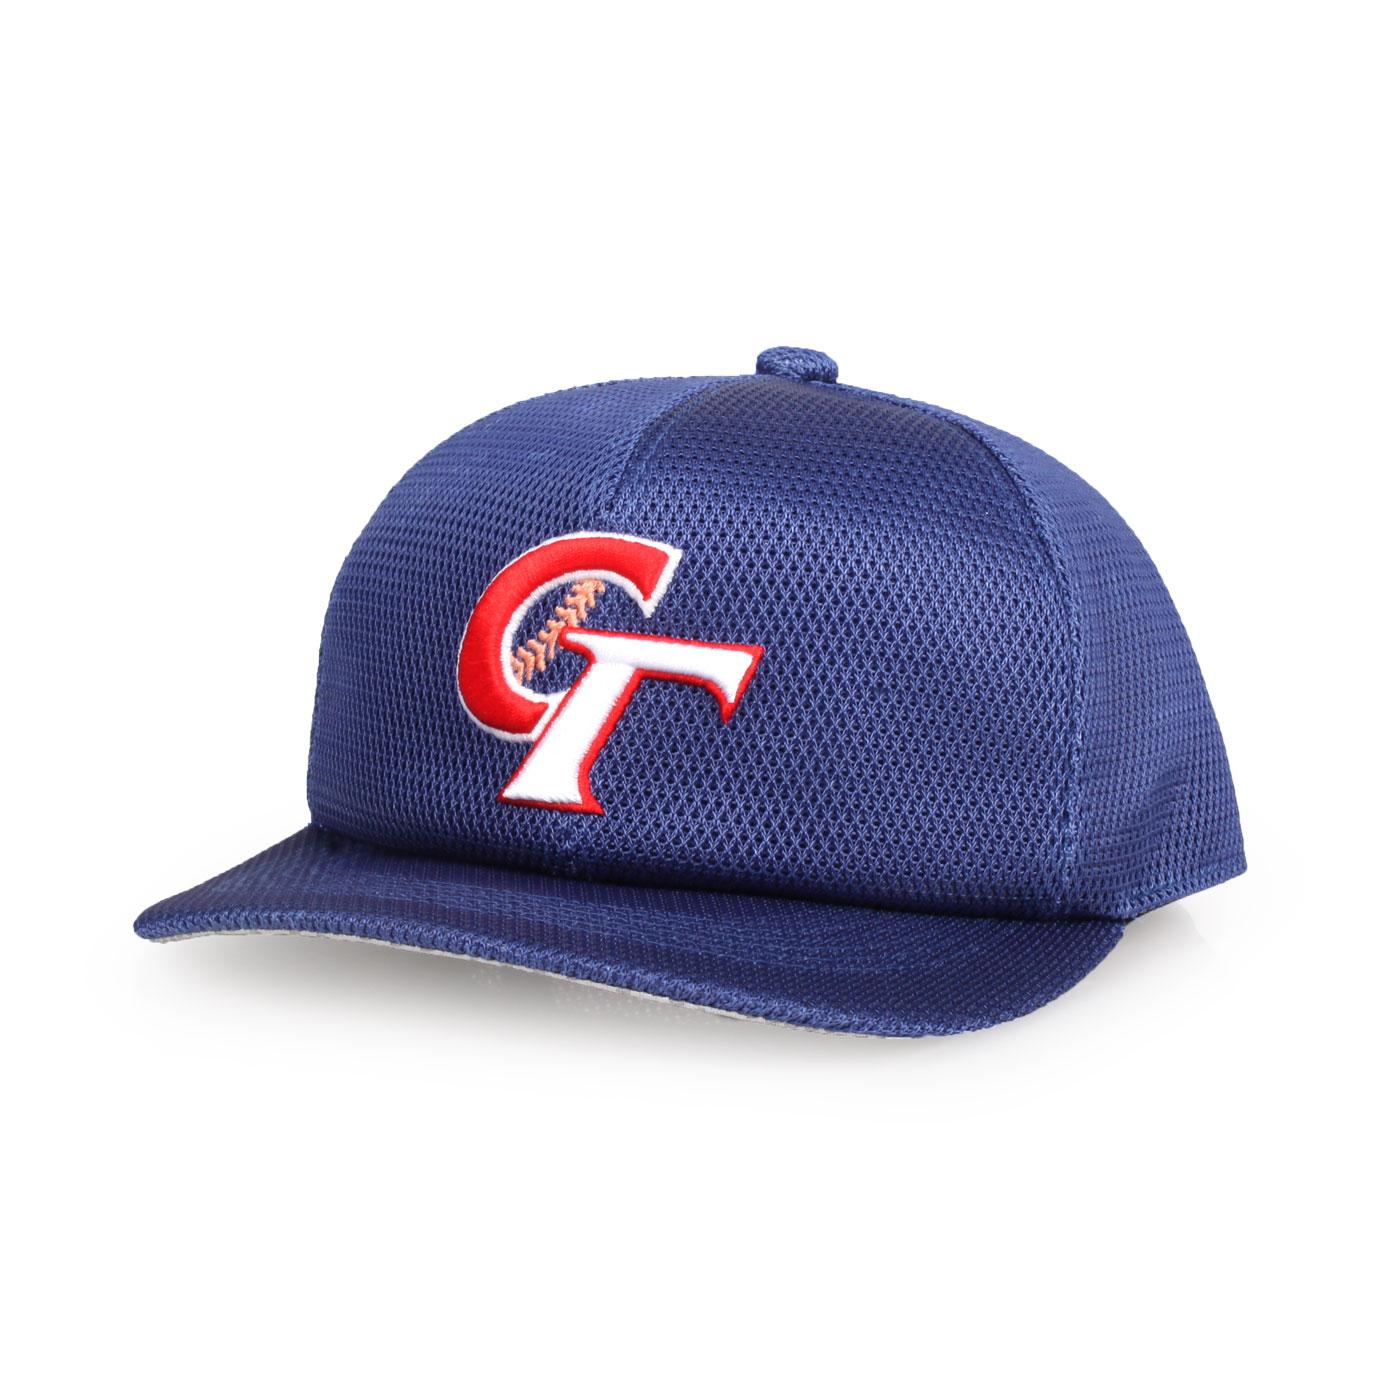 MIZUNO CT棒球帽 12TW960022